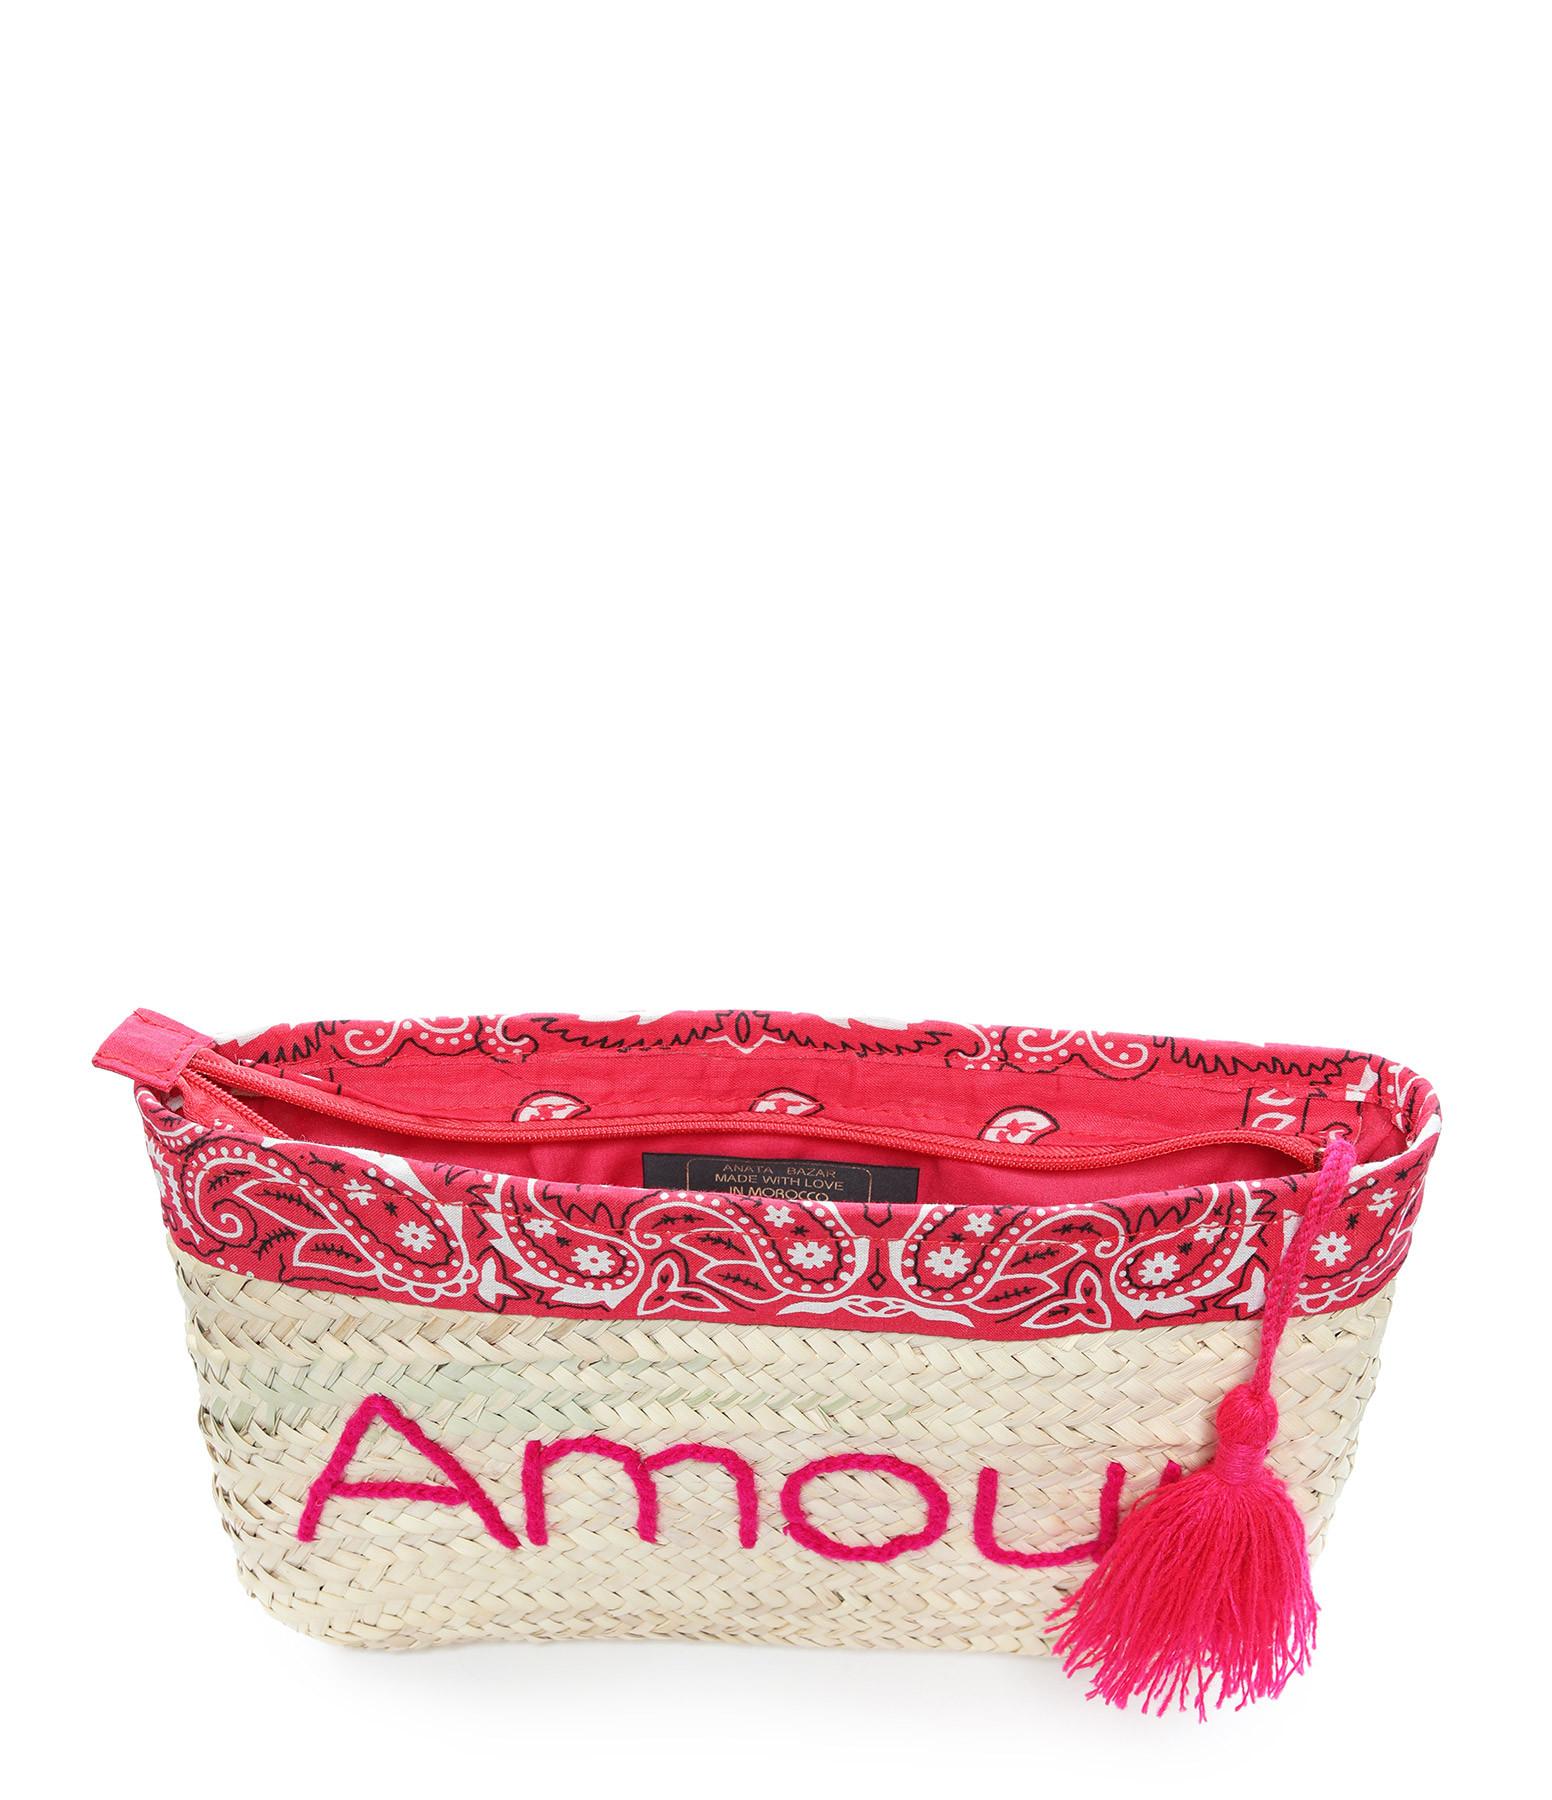 ANATA - Pochette Paille Amour Bandana Rose